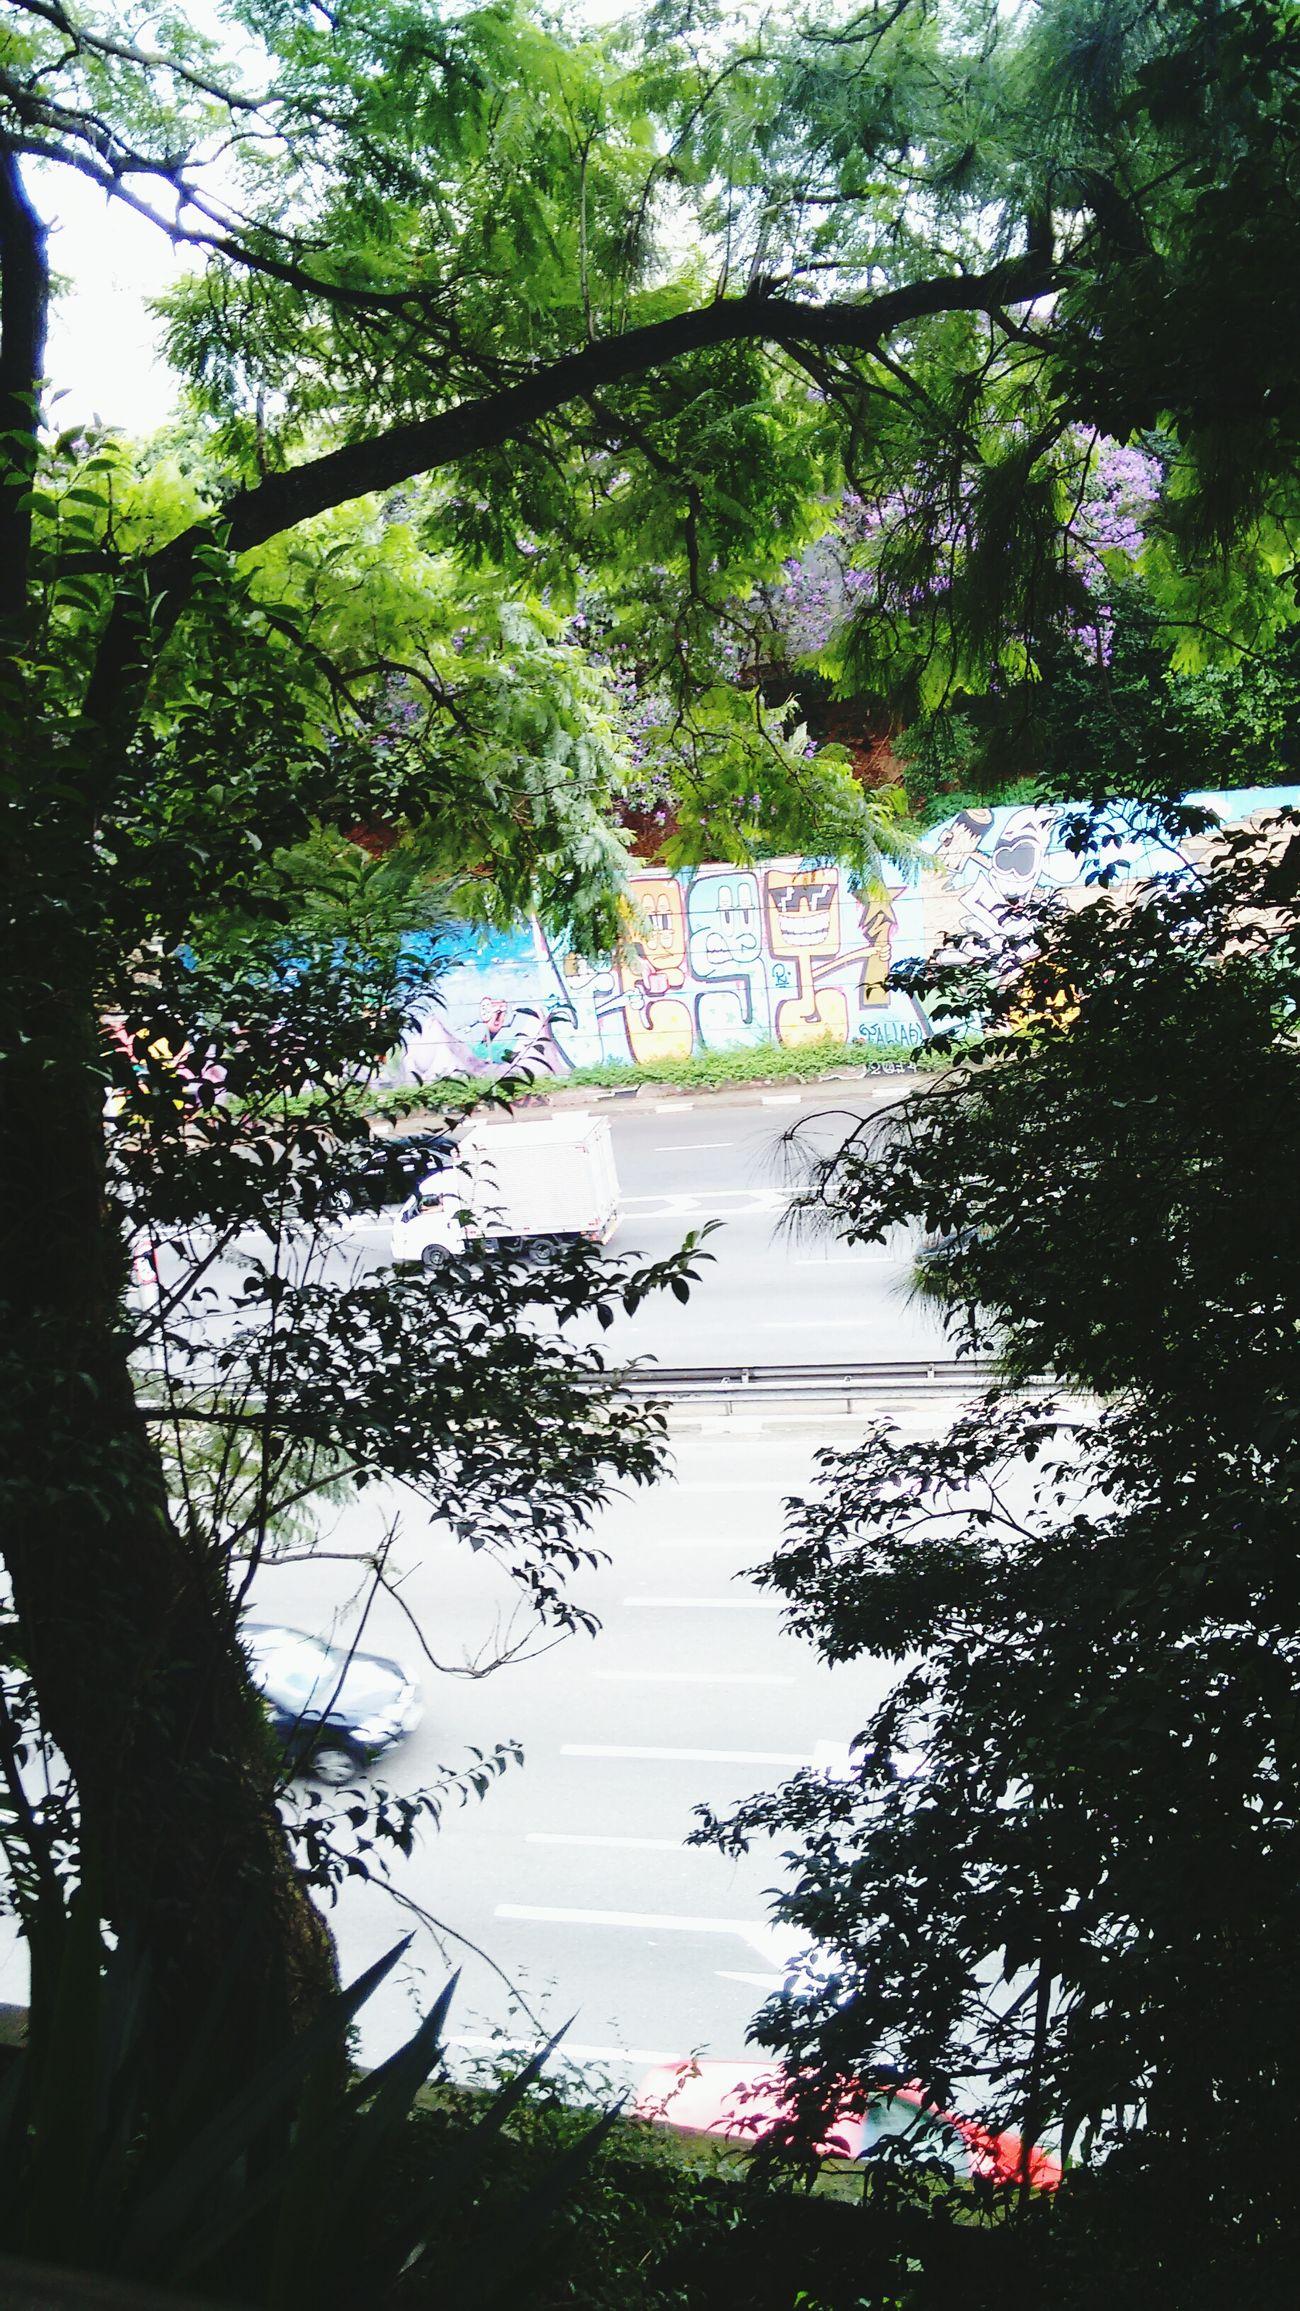 Graffiti Art Urbanphotography Eyemphotography Sao Paulo - Brazil